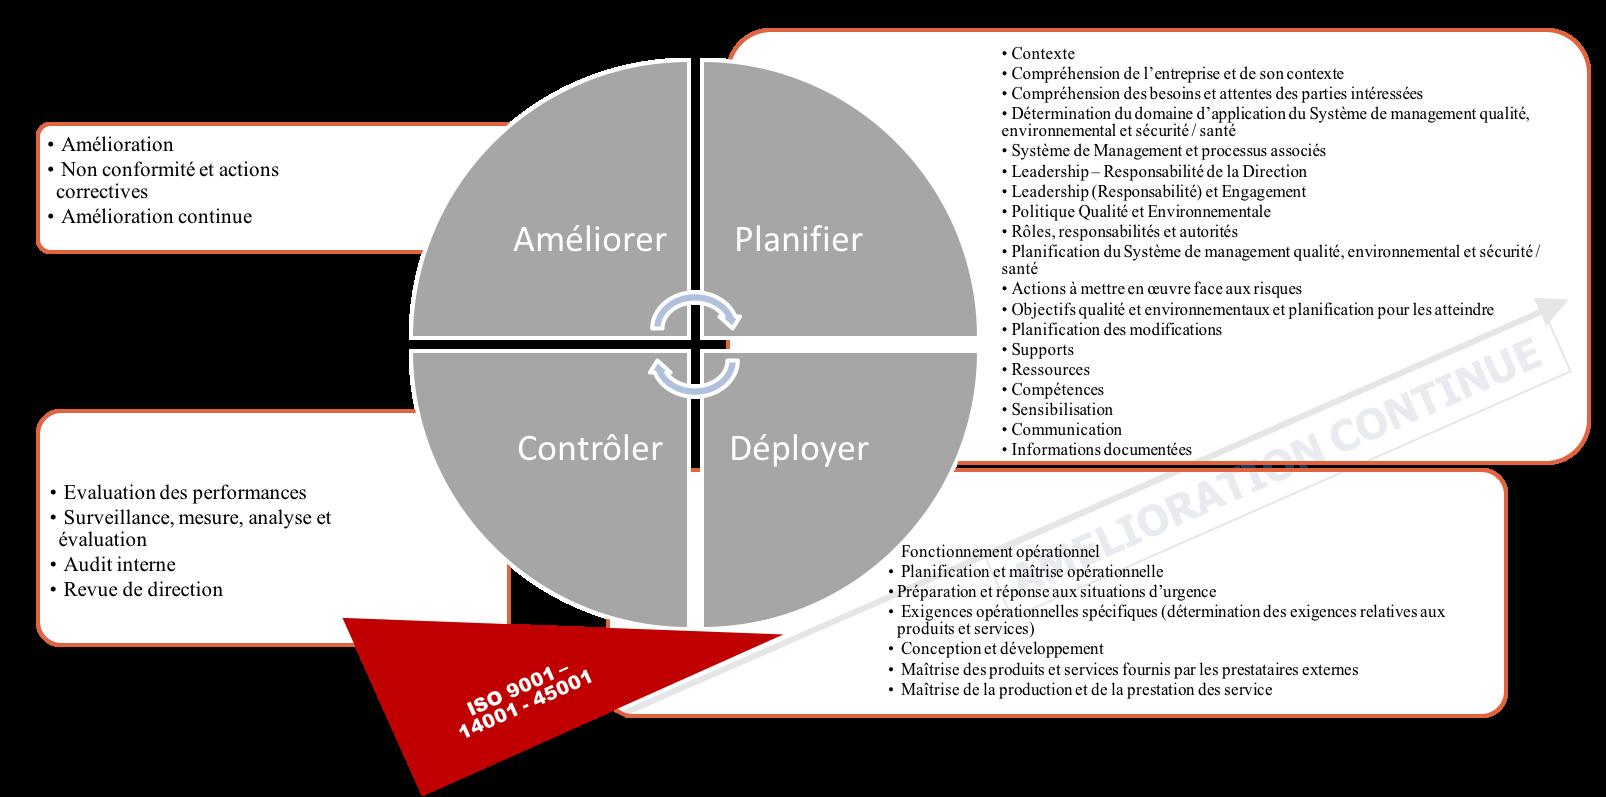 Ce schéma présente les chapitres du référentiel des trois référentiels ISO 9001/ 14001 / 45001 organisés selon le principe de l'amélioration continue, Planifier - Déployer - Contrôler - Améliorer. Et structurer de la même façon. On voit que l